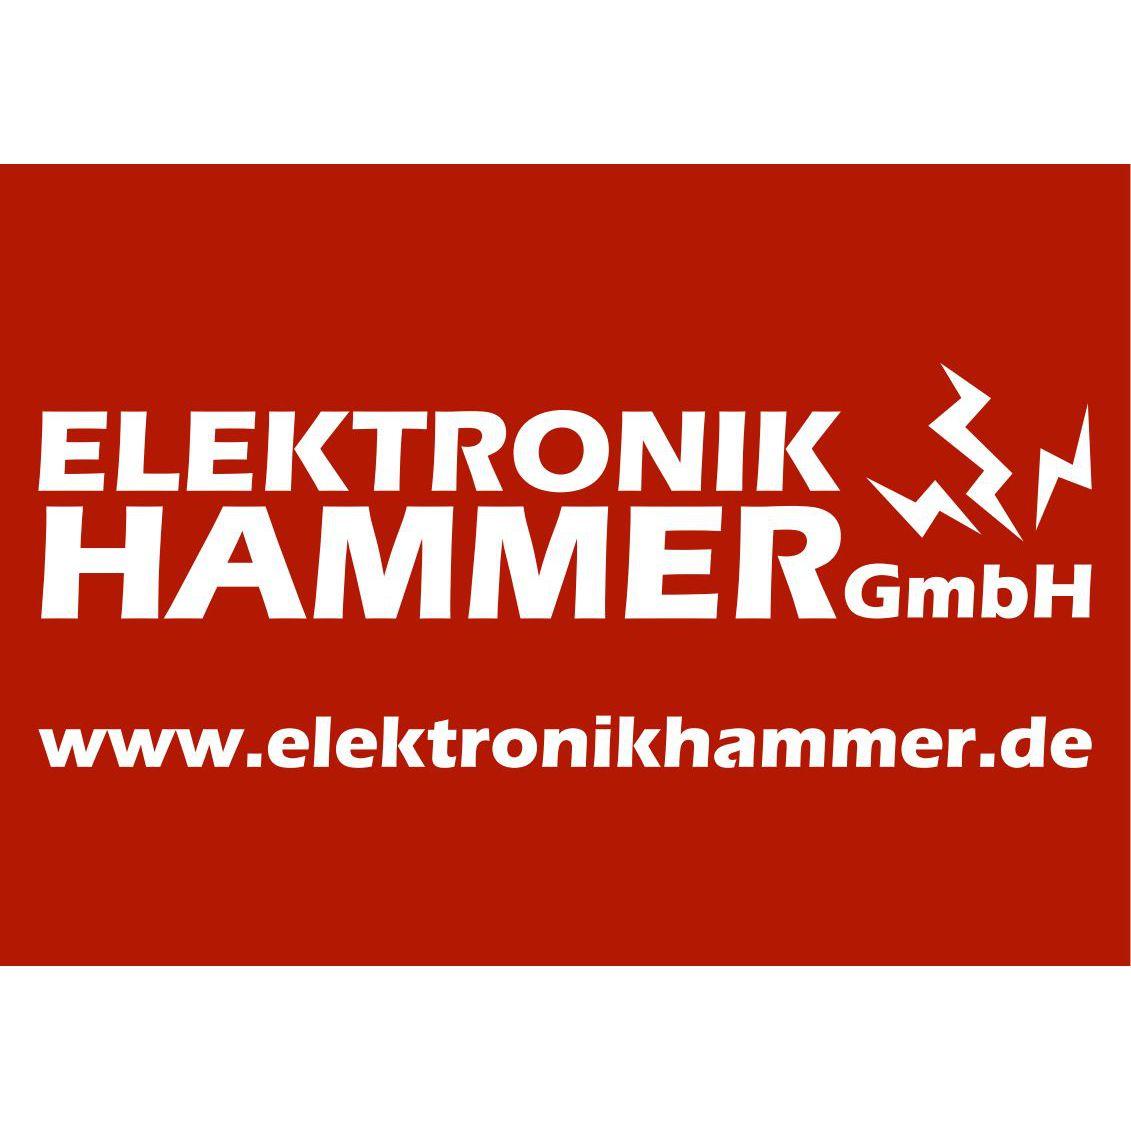 Bild zu Elektronik Hammer GmbH in Grimma